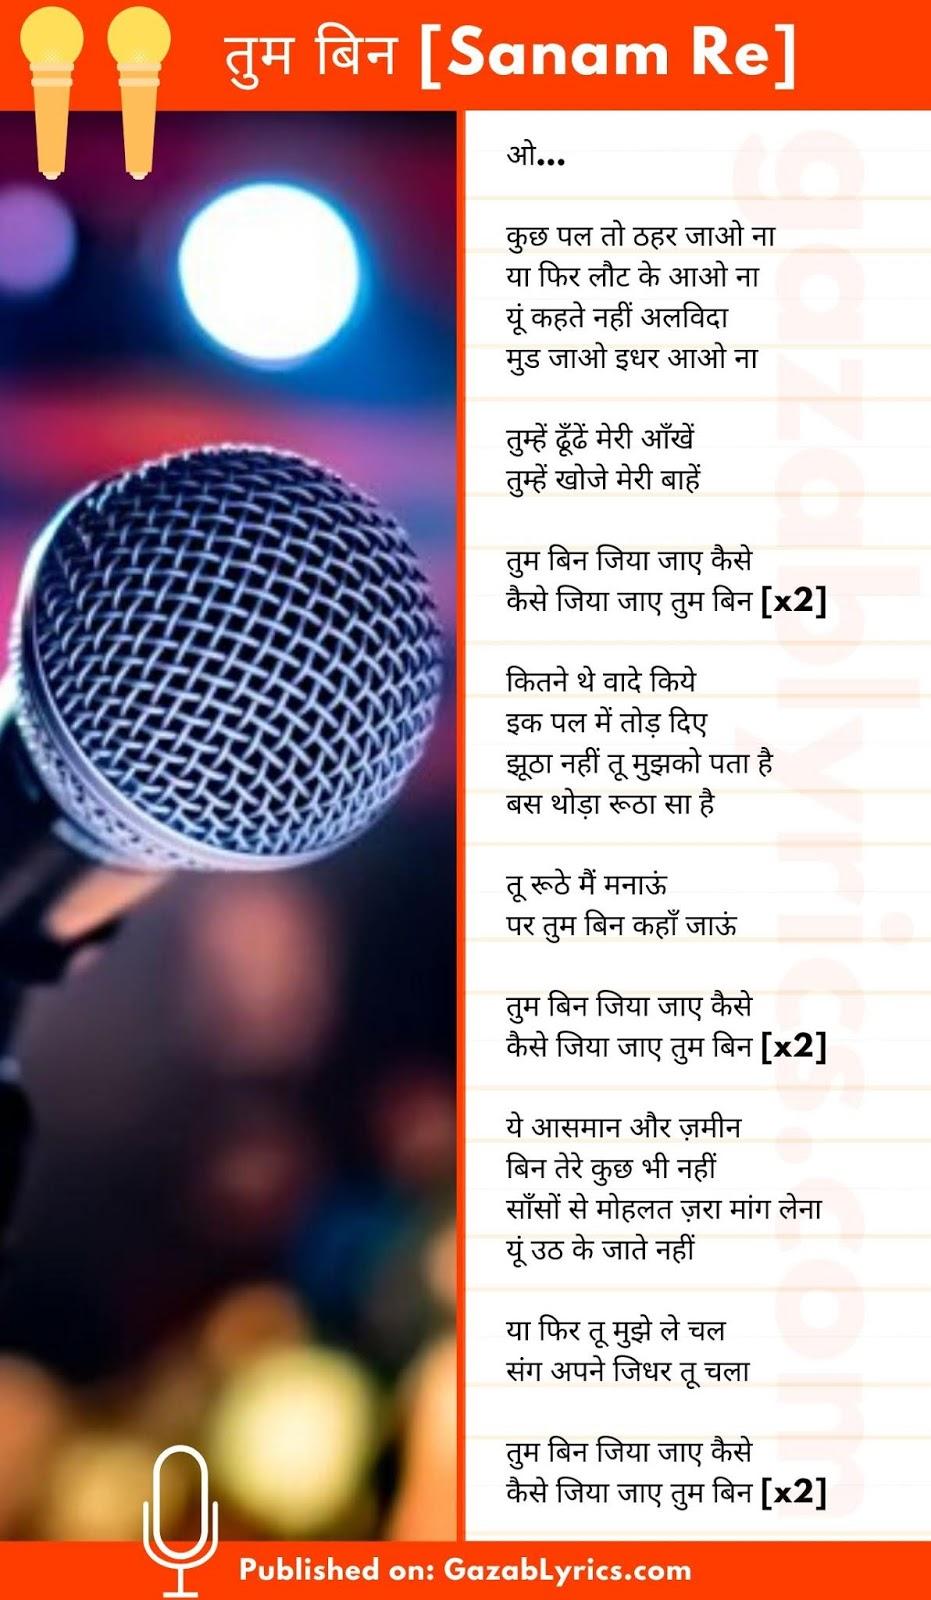 Tum Bin song lyrics image